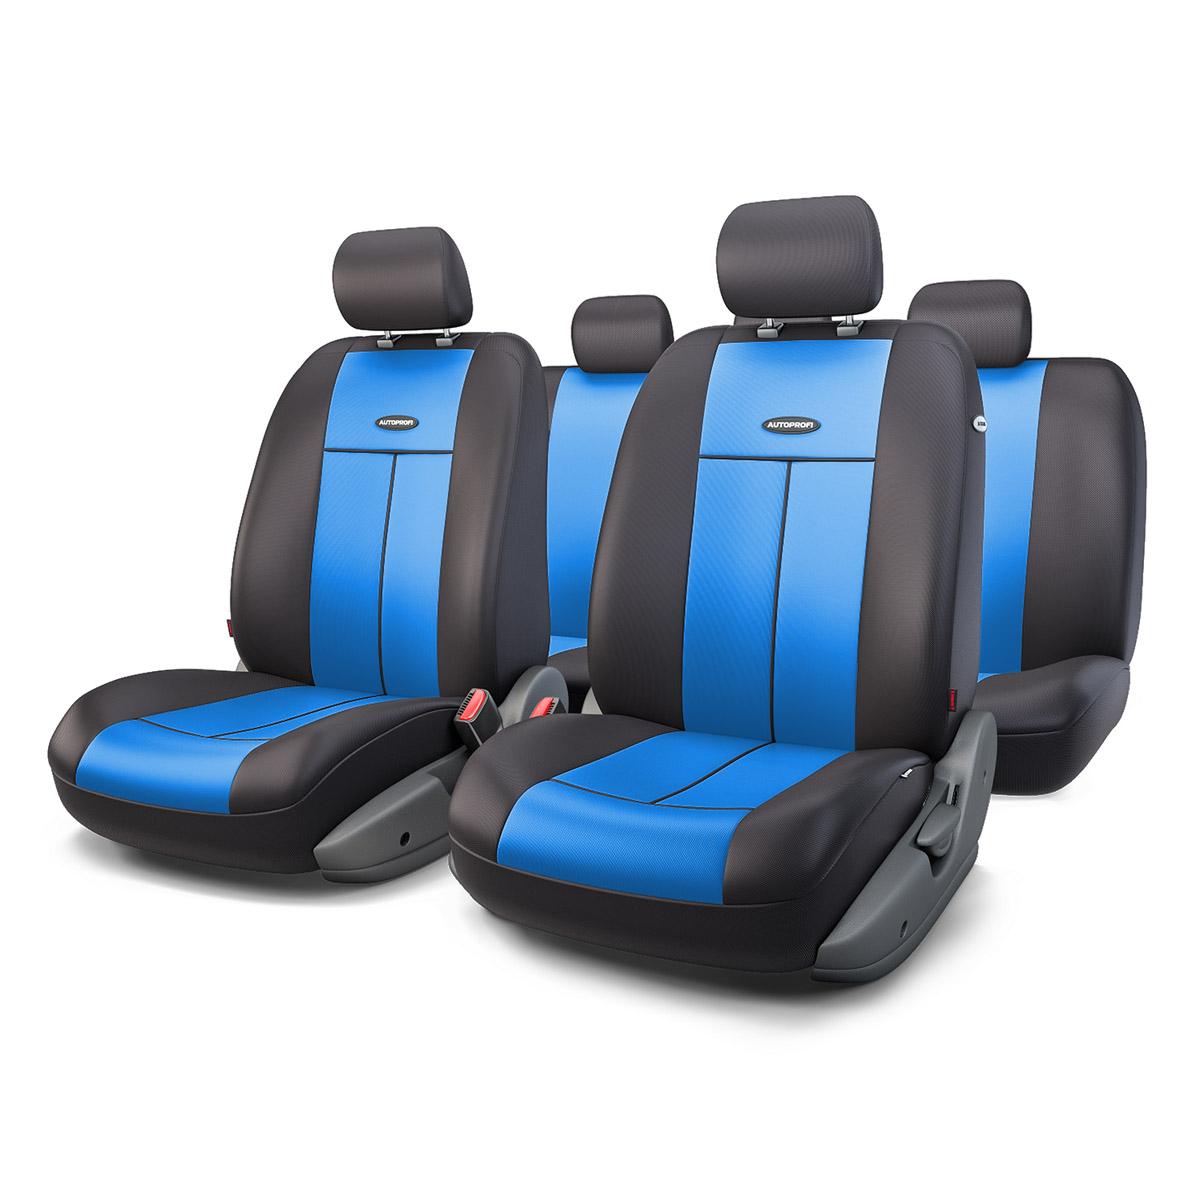 Чехол на сиденье Autoprofi Tt-902p bk/bl чехлы на сиденья autoprofi автомобильные чехлы tt tt 902m bk bl